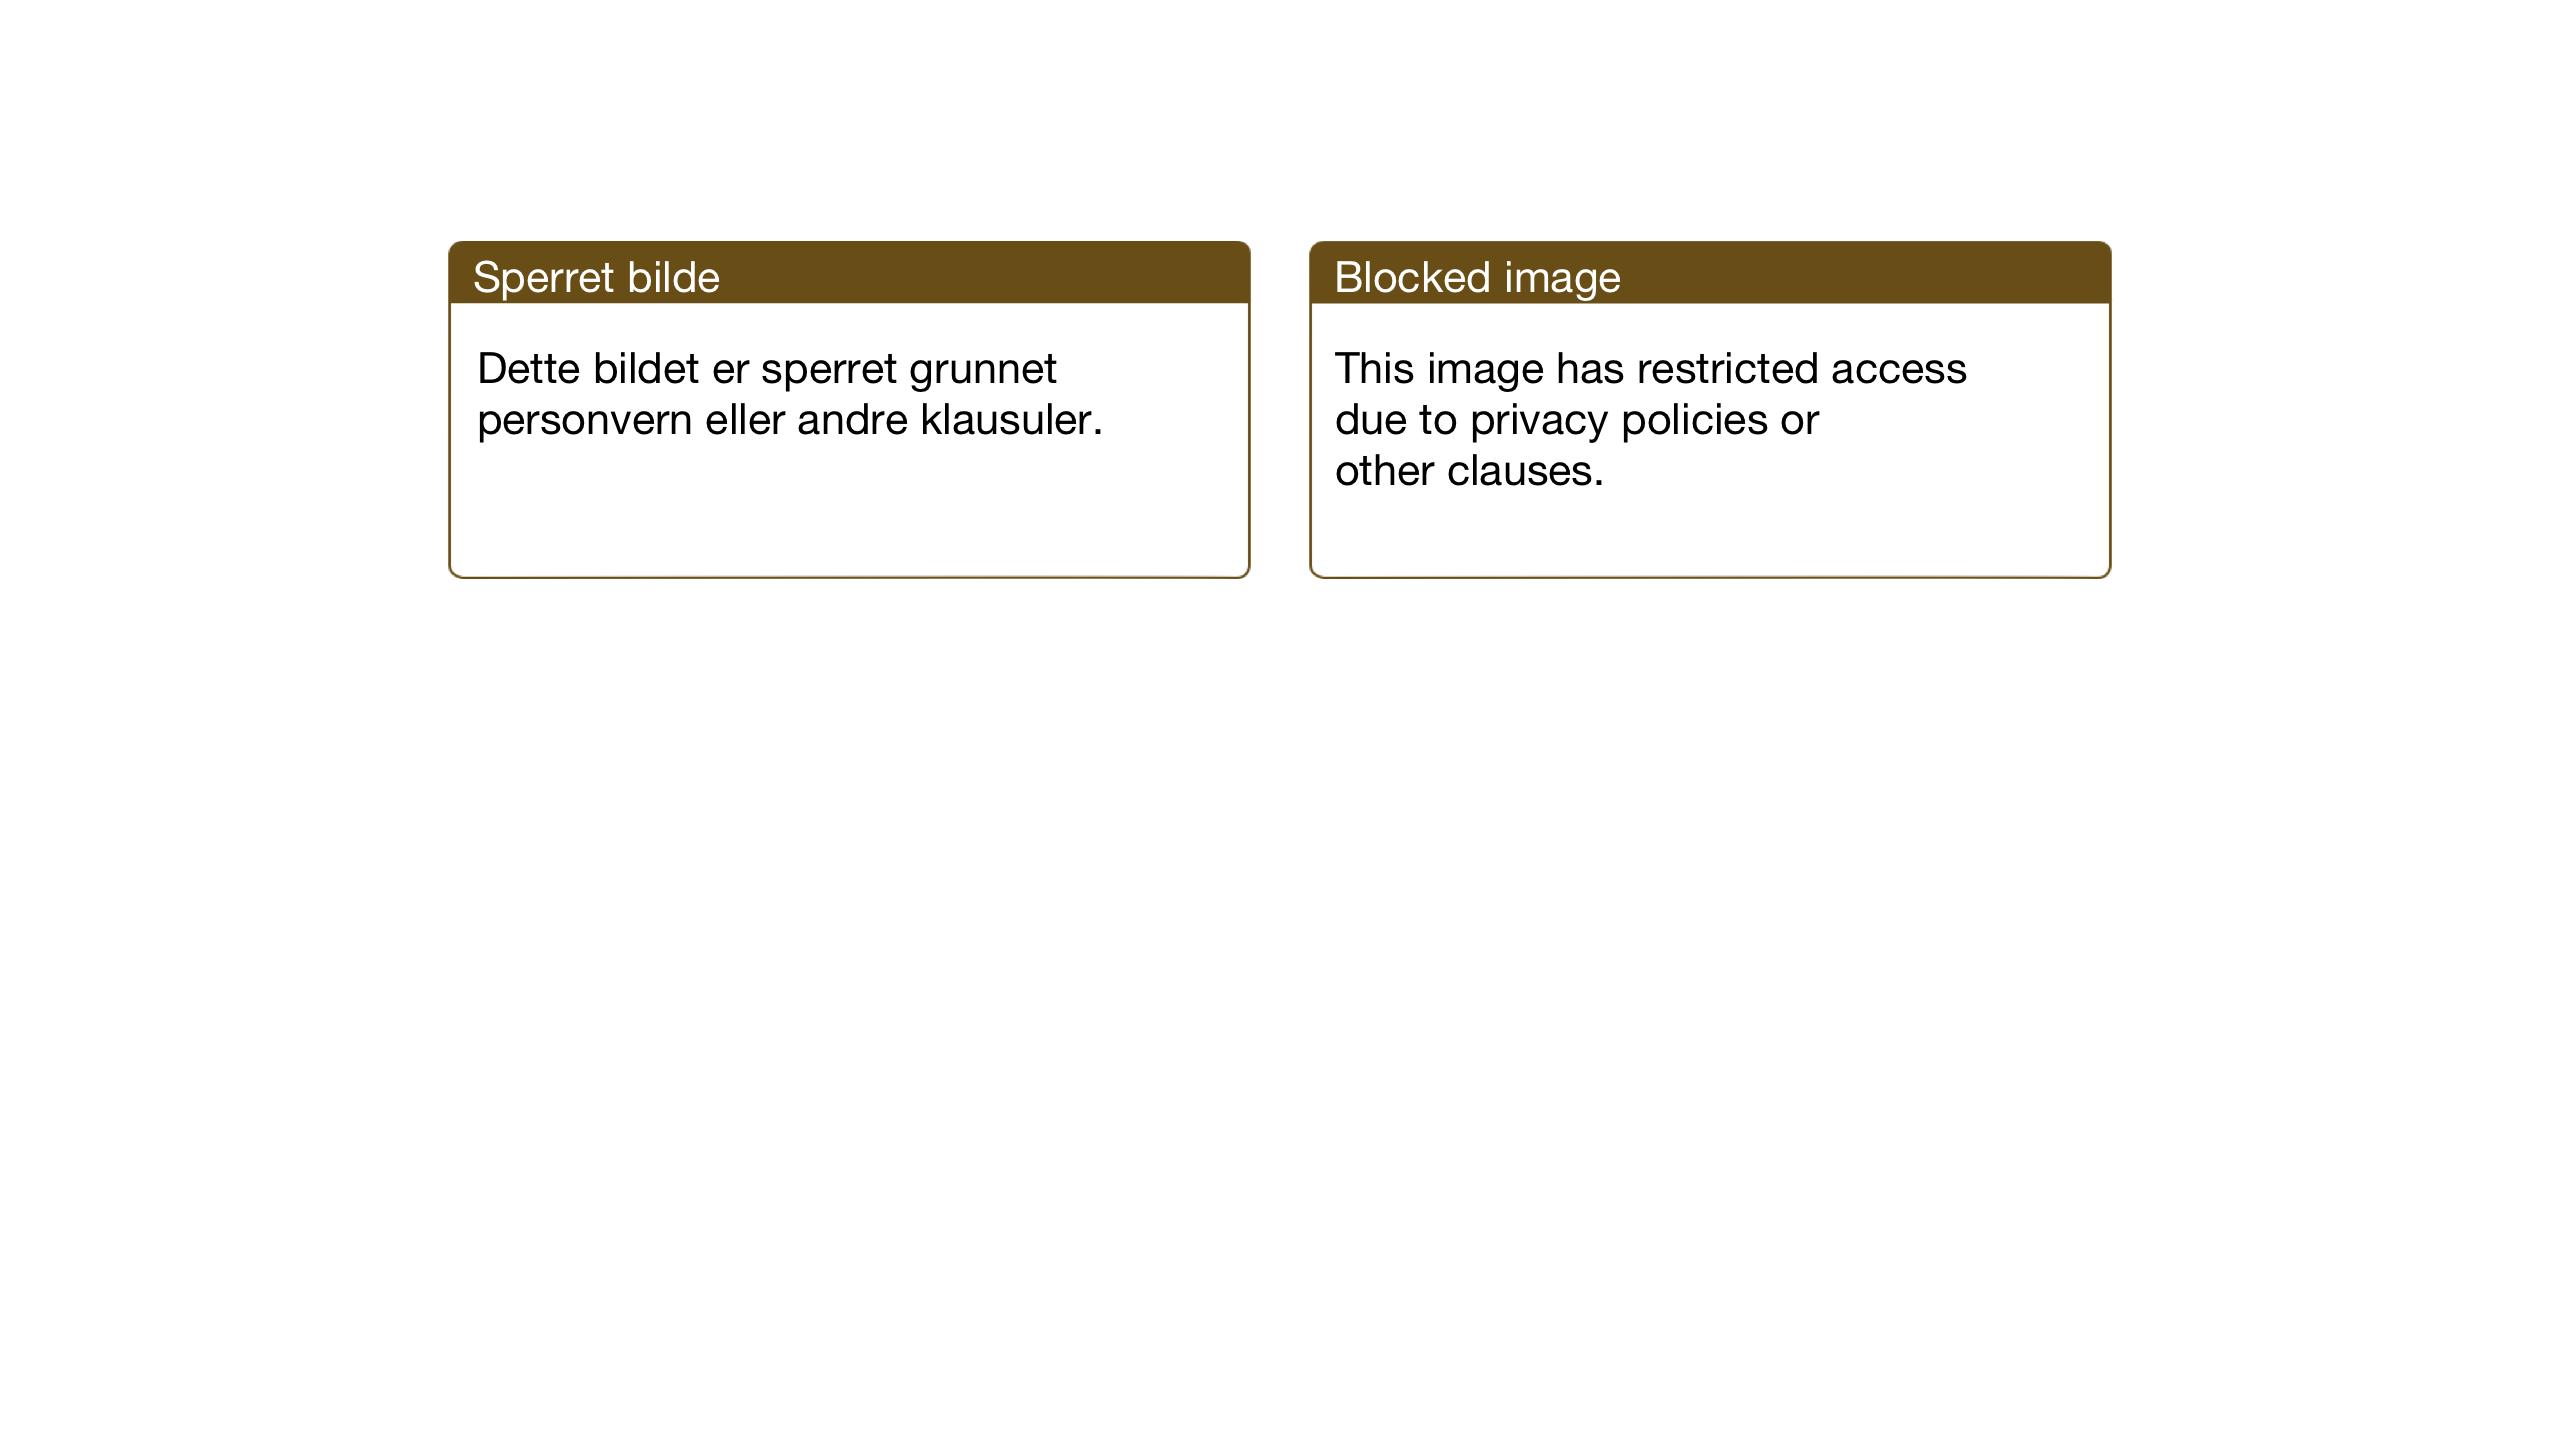 SAT, Ministerialprotokoller, klokkerbøker og fødselsregistre - Nord-Trøndelag, 733/L0328: Klokkerbok nr. 733C03, 1919-1966, s. 37